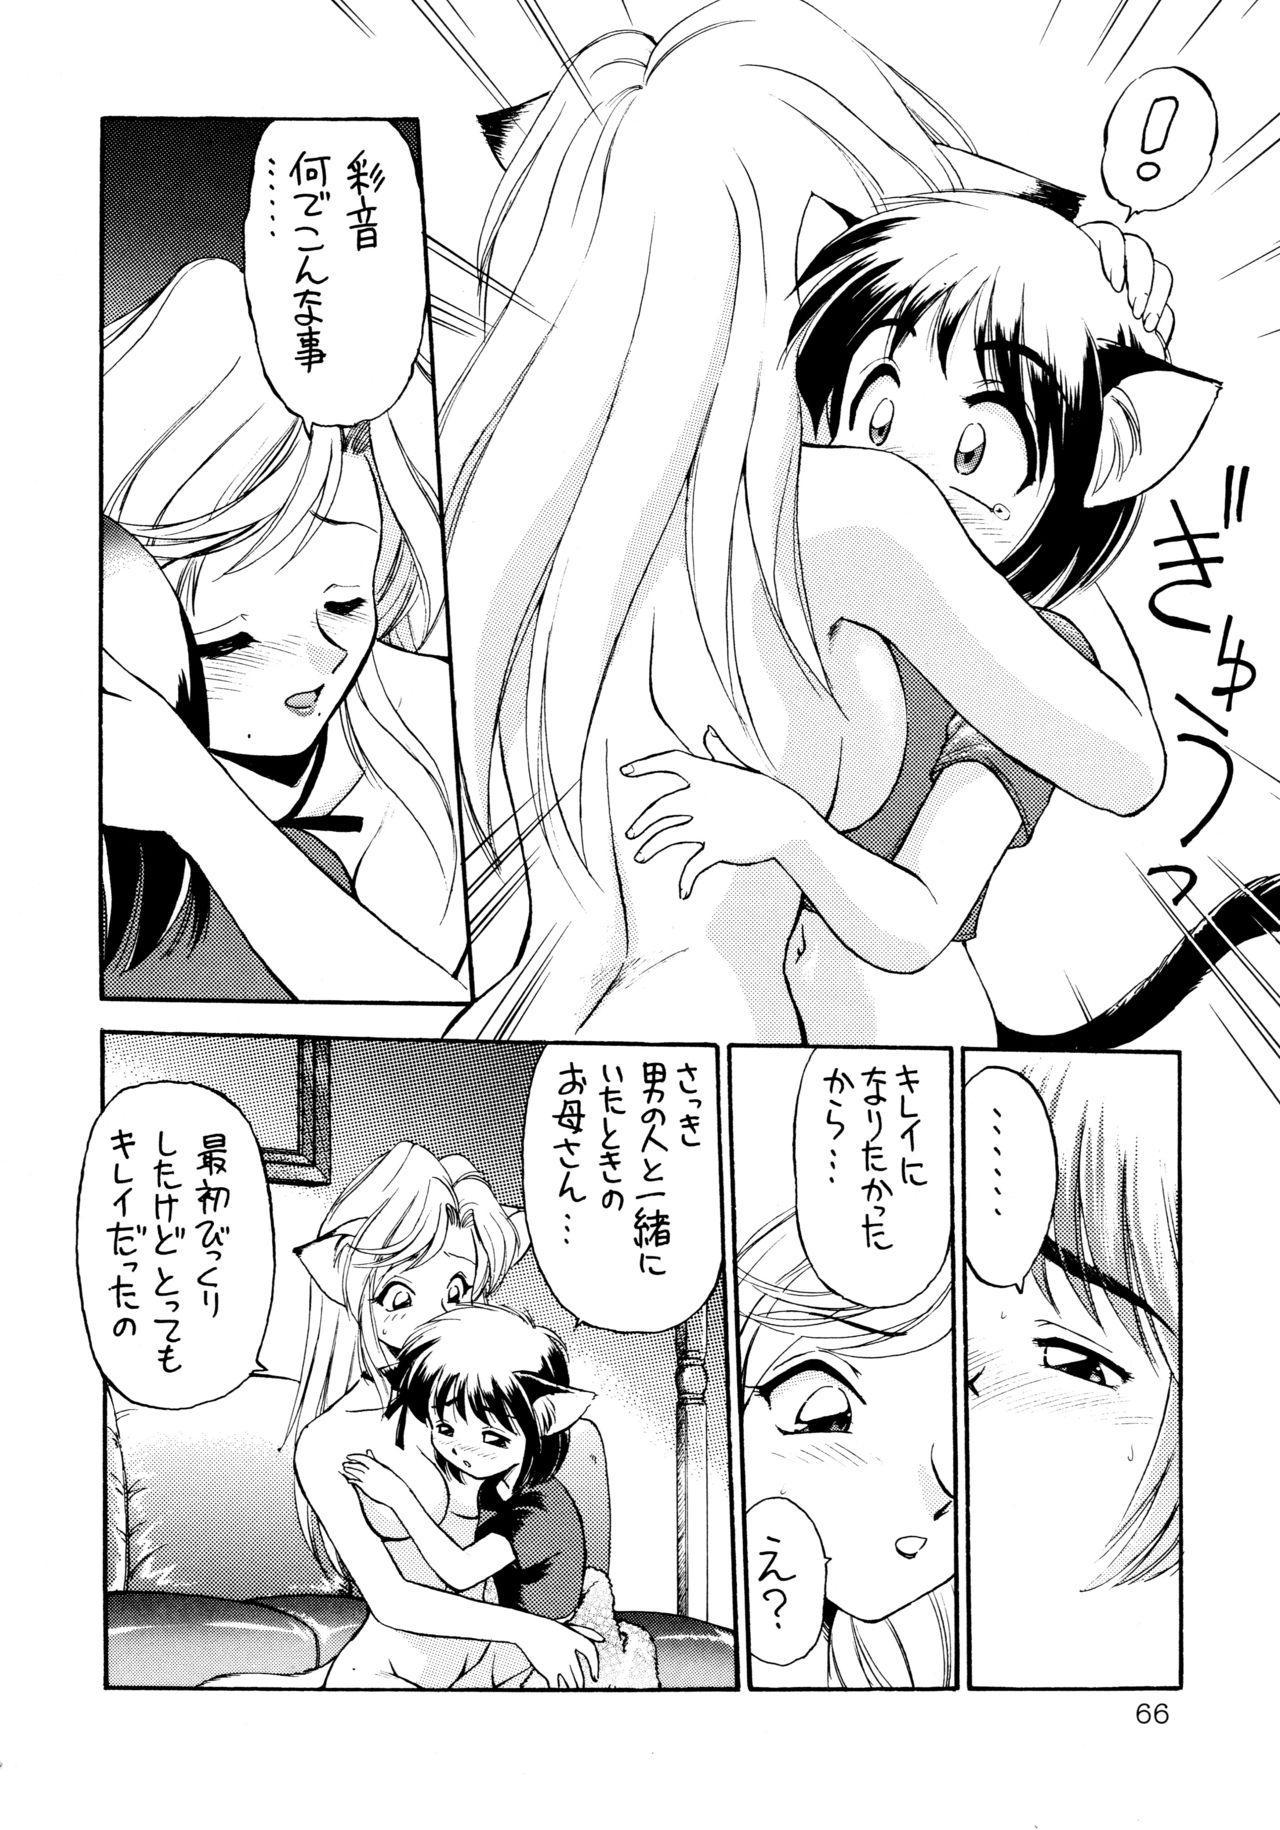 Uwasa no Neko Shuukai 65